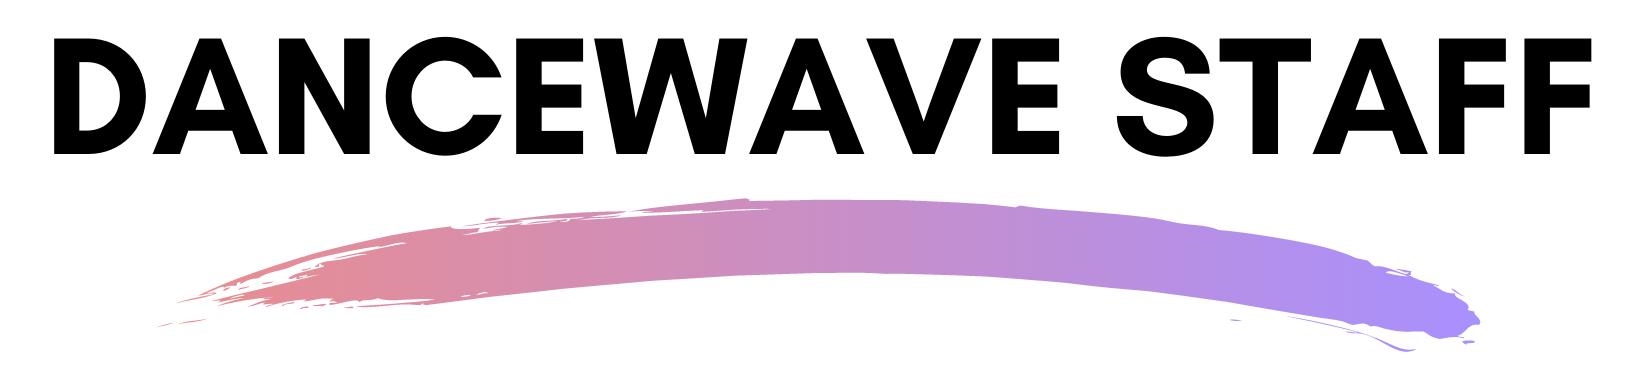 Dancewave Staff